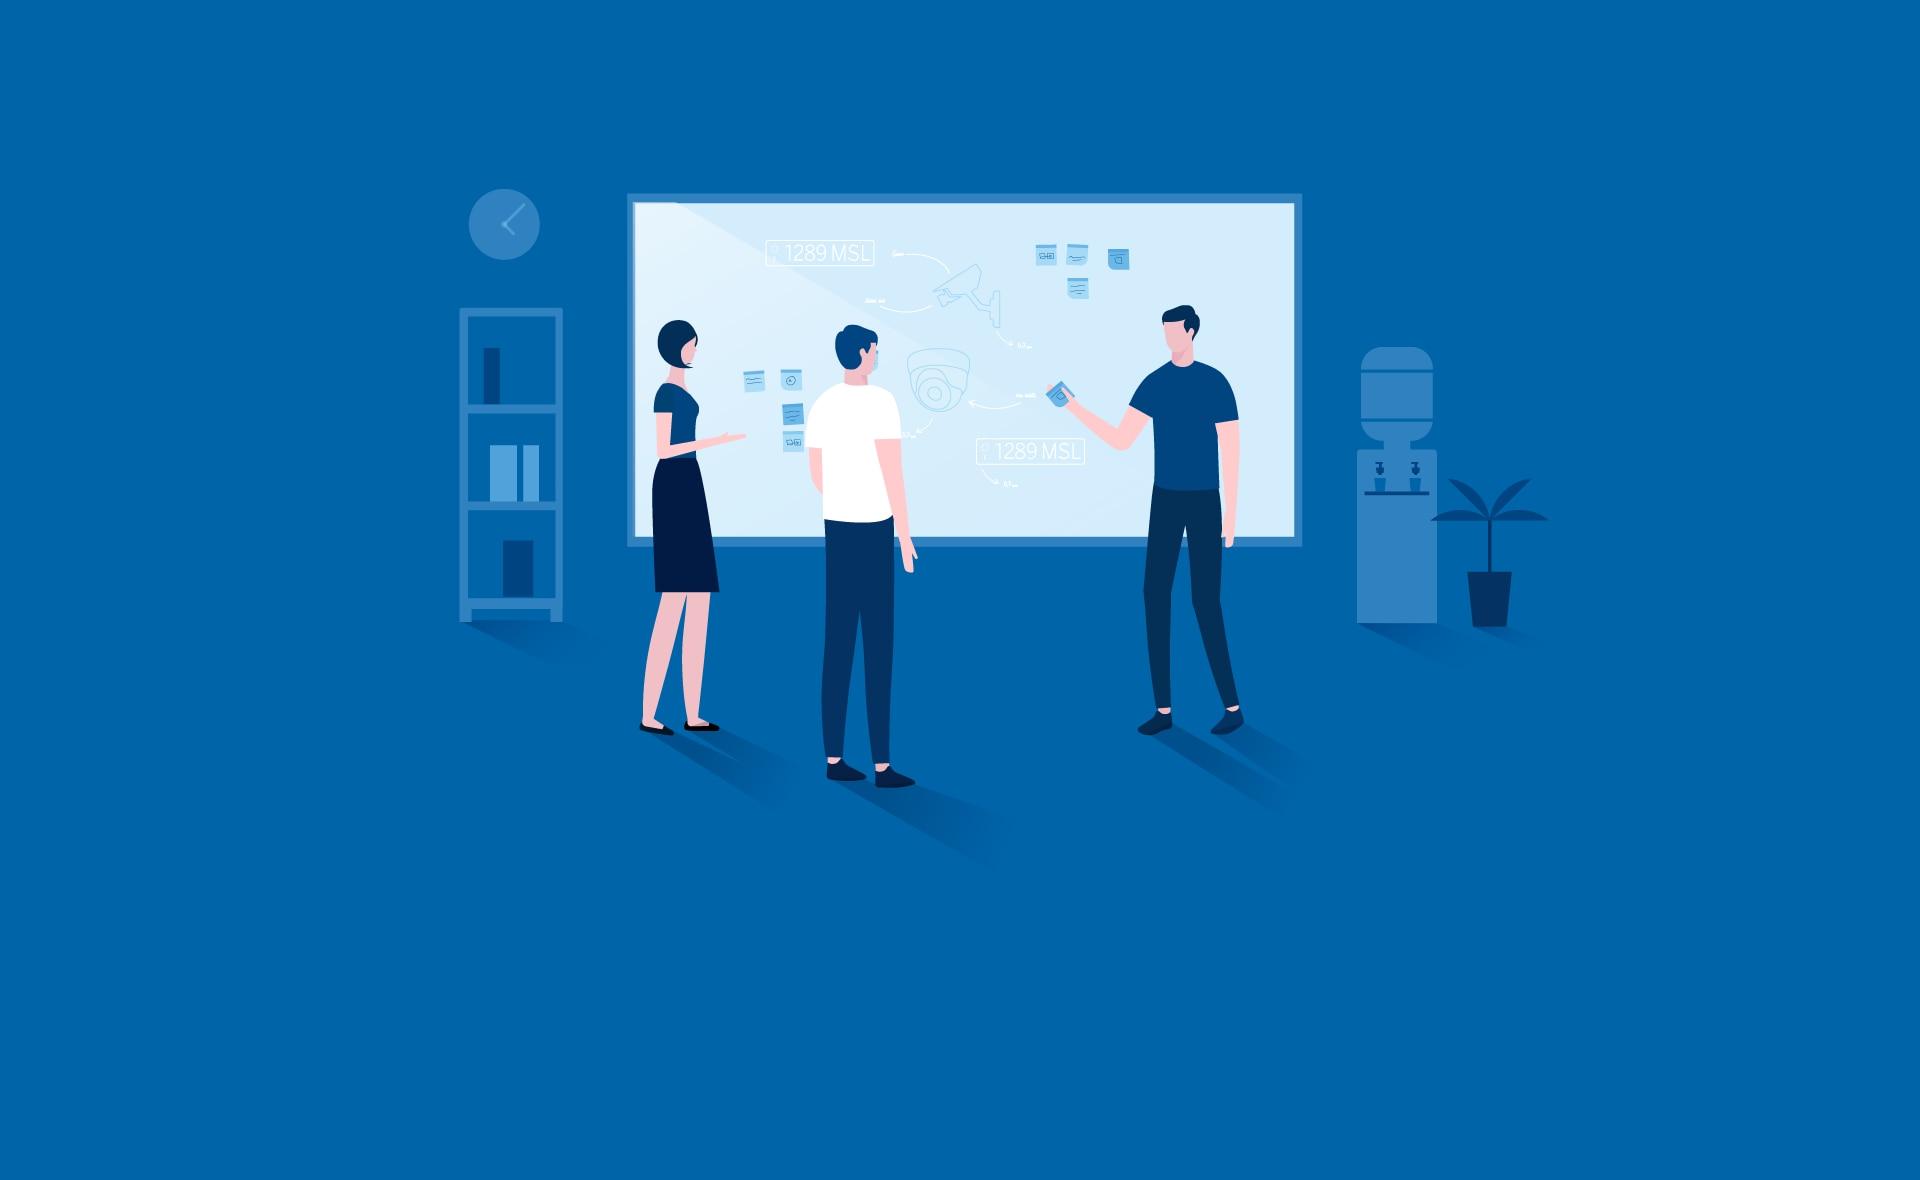 Agile-coach-empleados-formas-trabajo